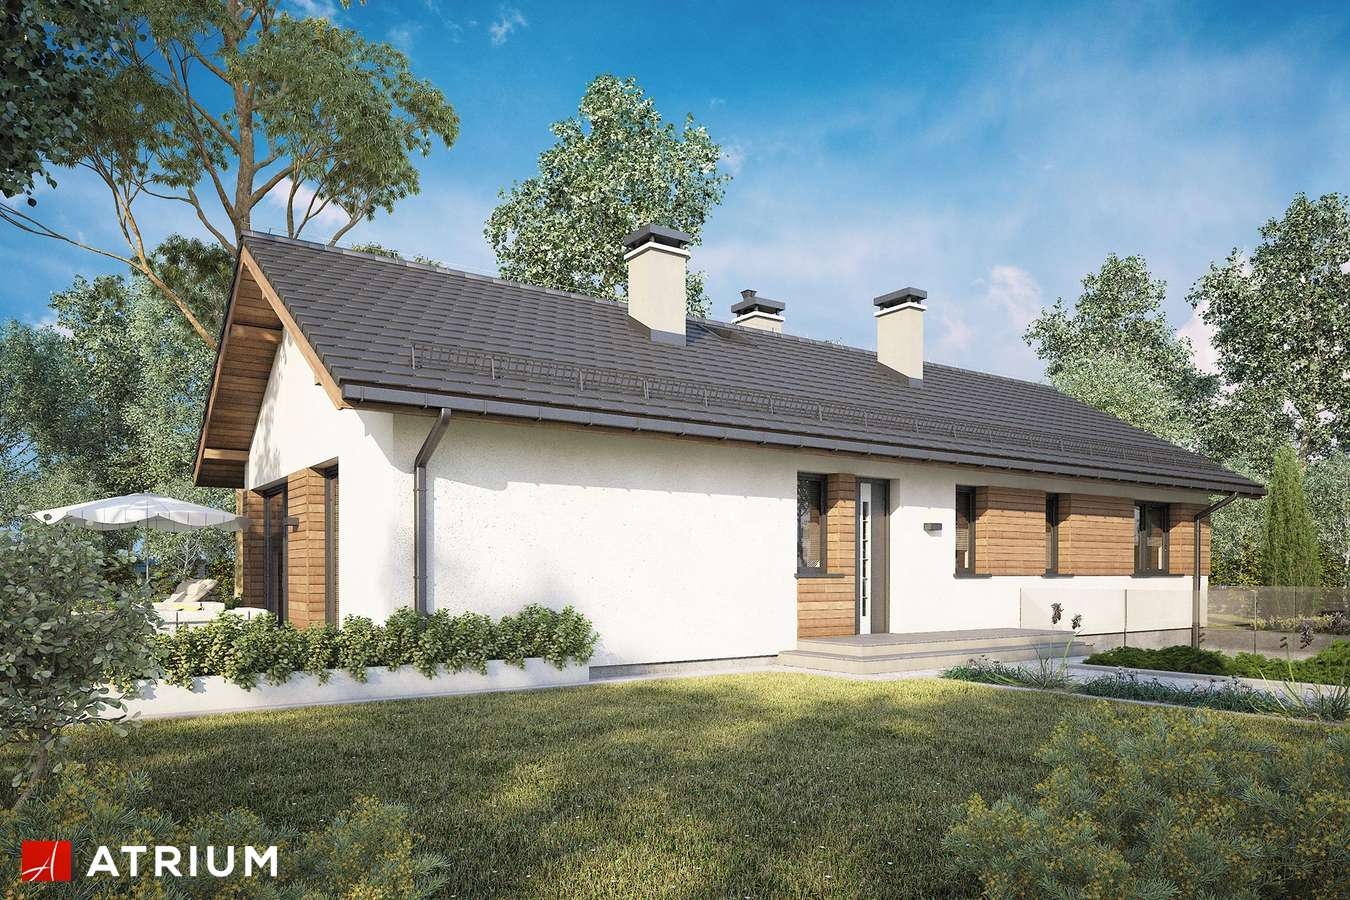 Projekty domów - Projekt domu parterowego OLIMPIA PLUS II - wizualizacja 1